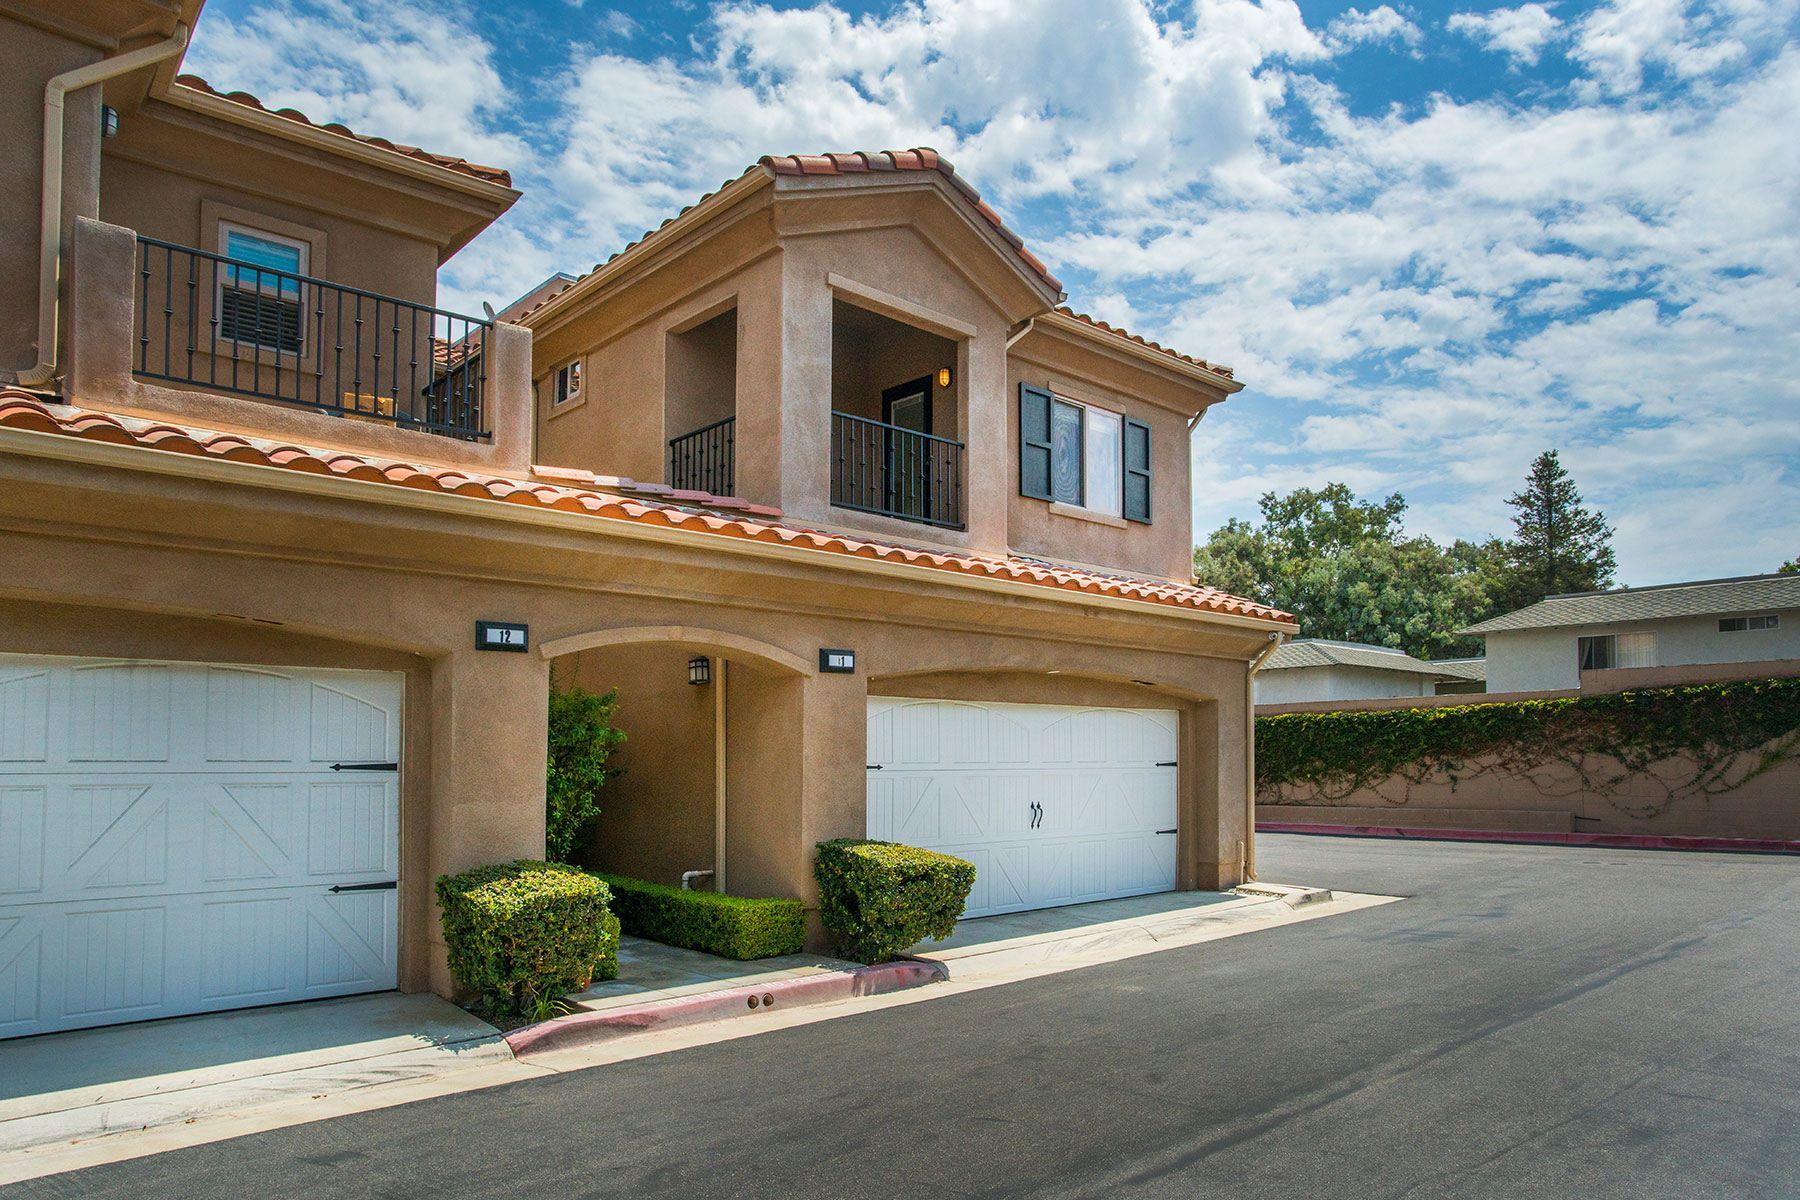 联栋屋 为 销售 在 20402 Santa Ana Ave. #11 纽波特比奇, 加利福尼亚州, 92660 美国